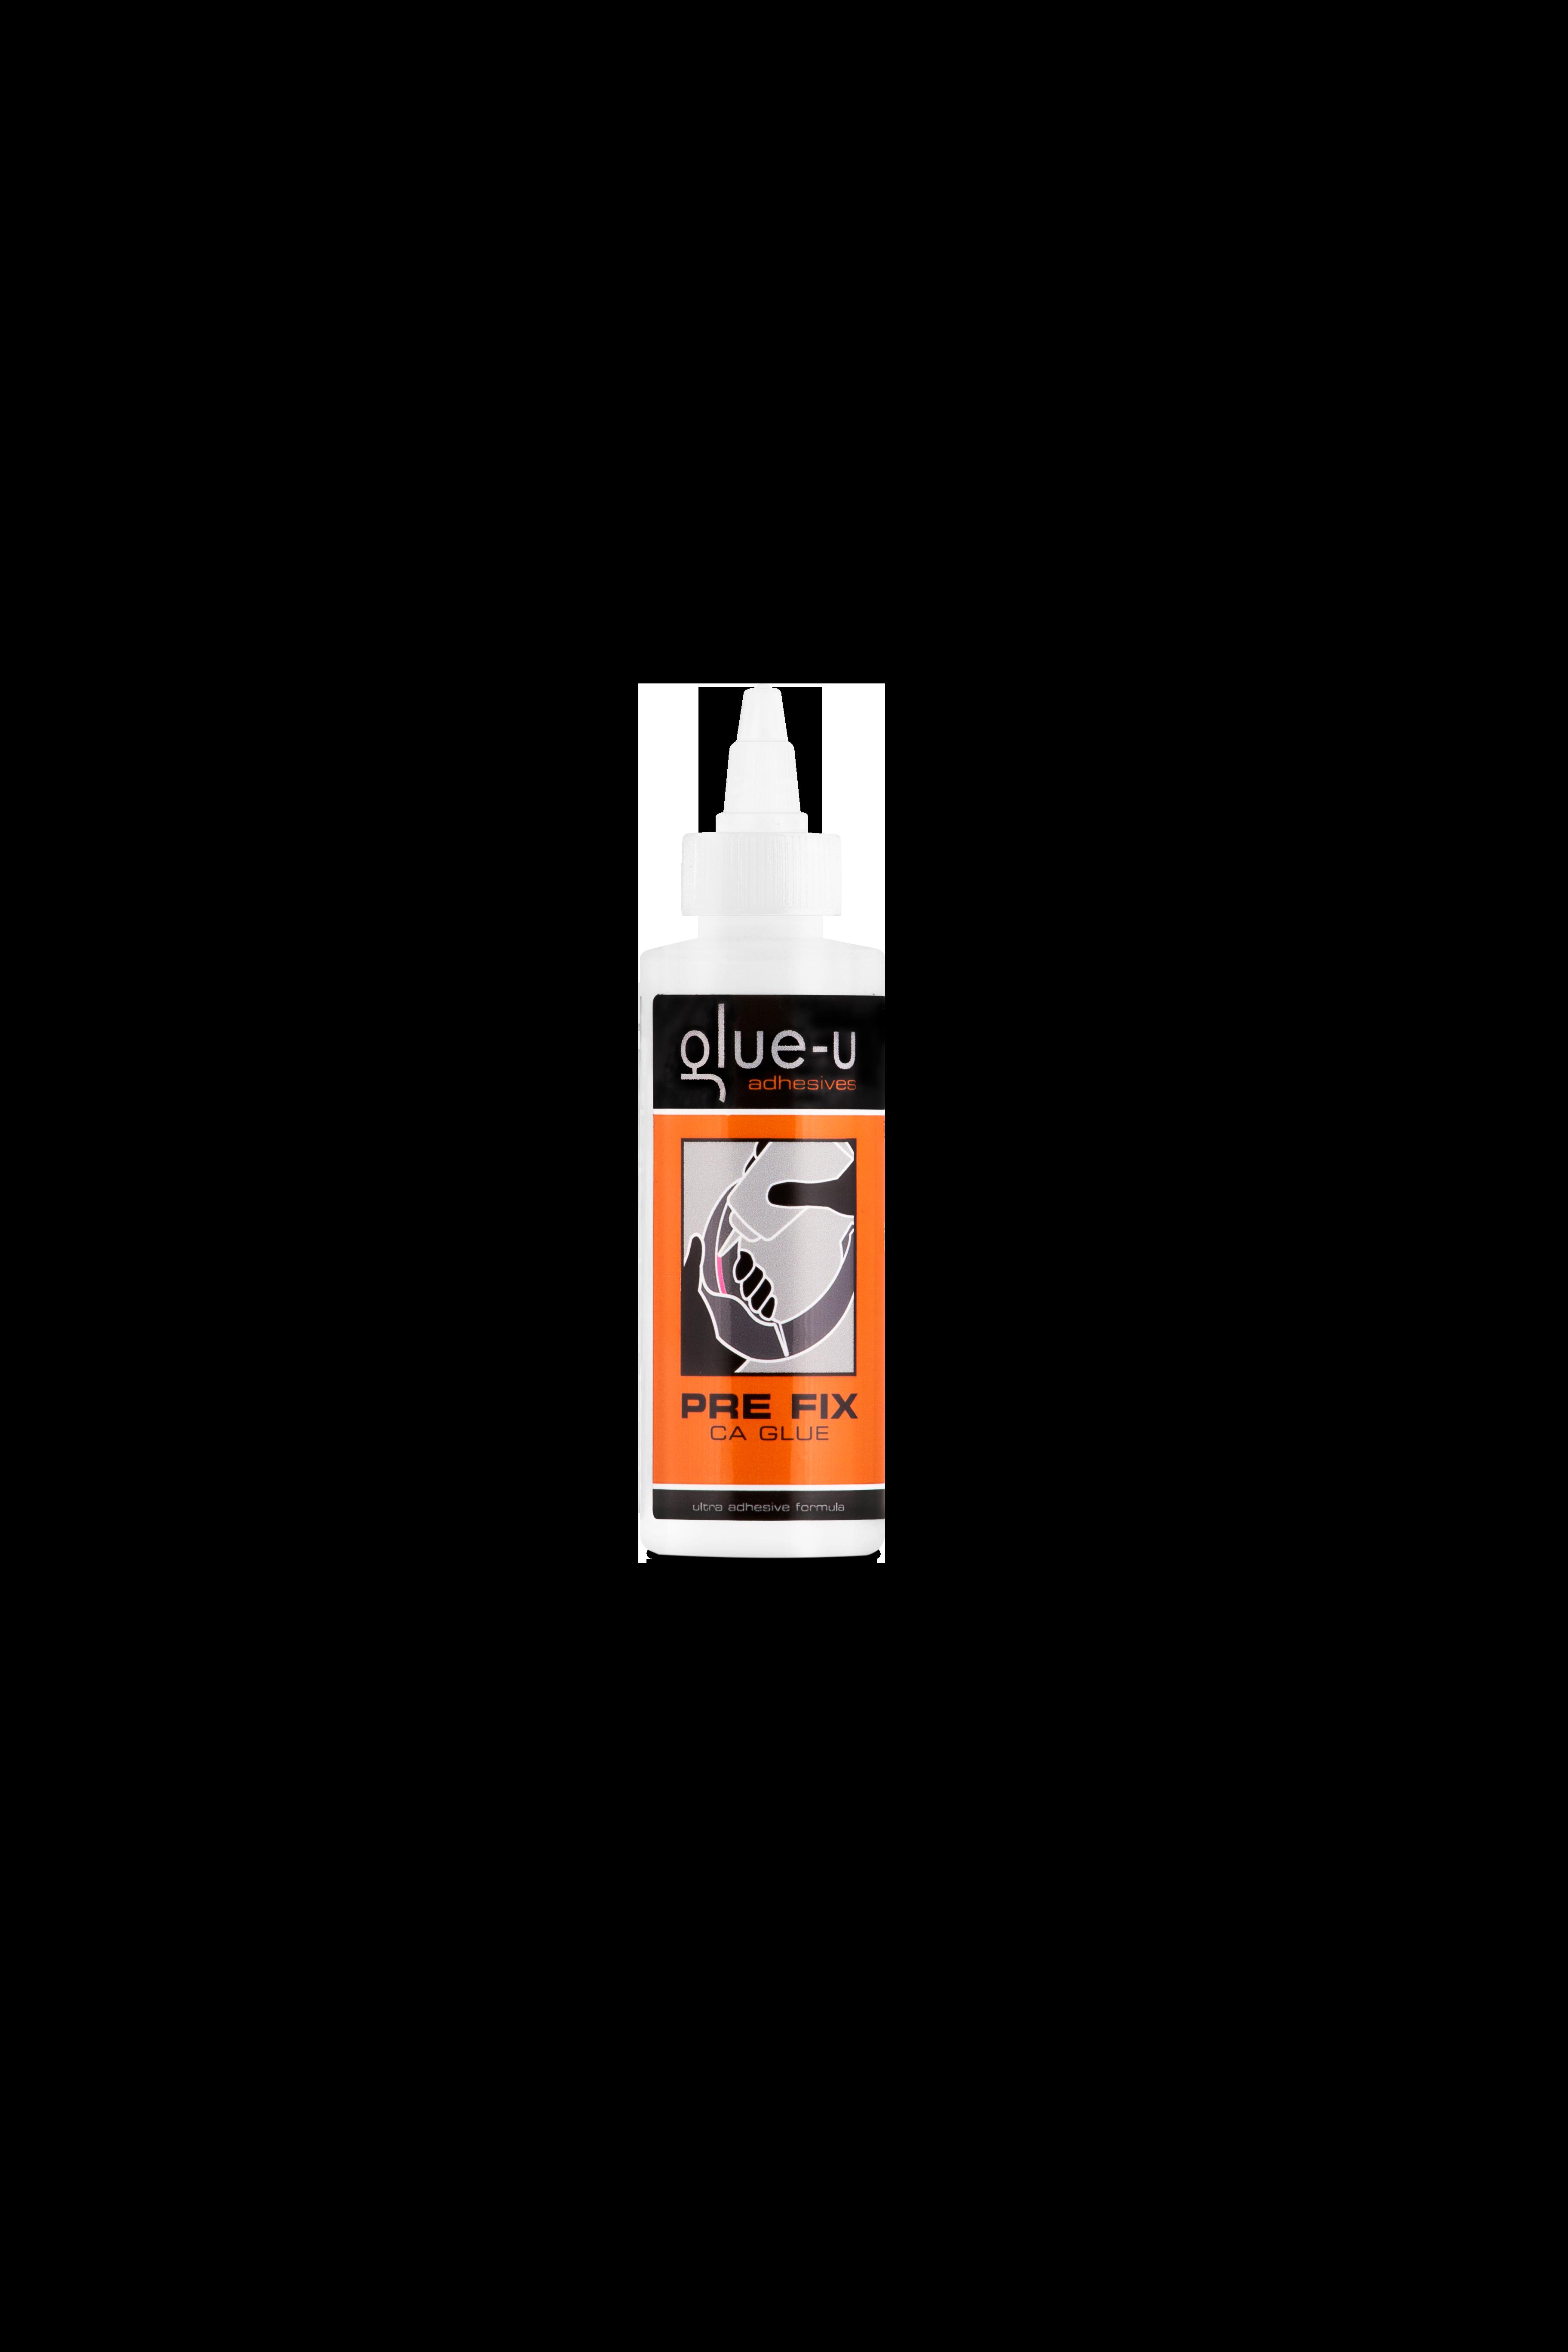 Glue-U Pre Fix CA Glue